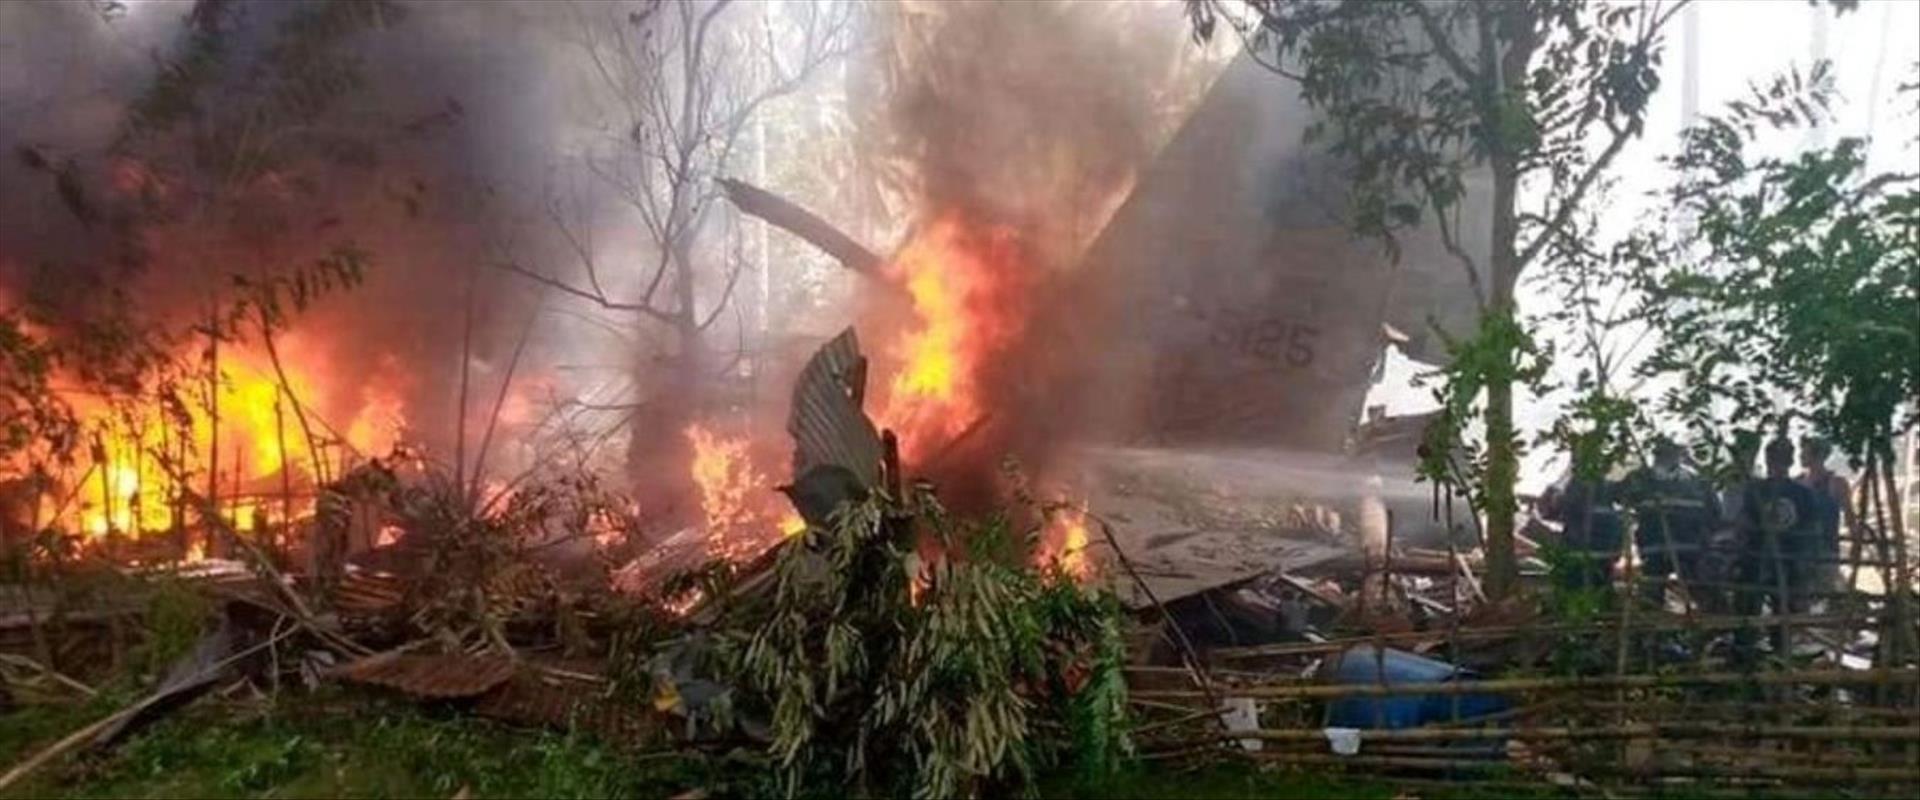 זירת התרסקות המטוס בפיליפינים, היום